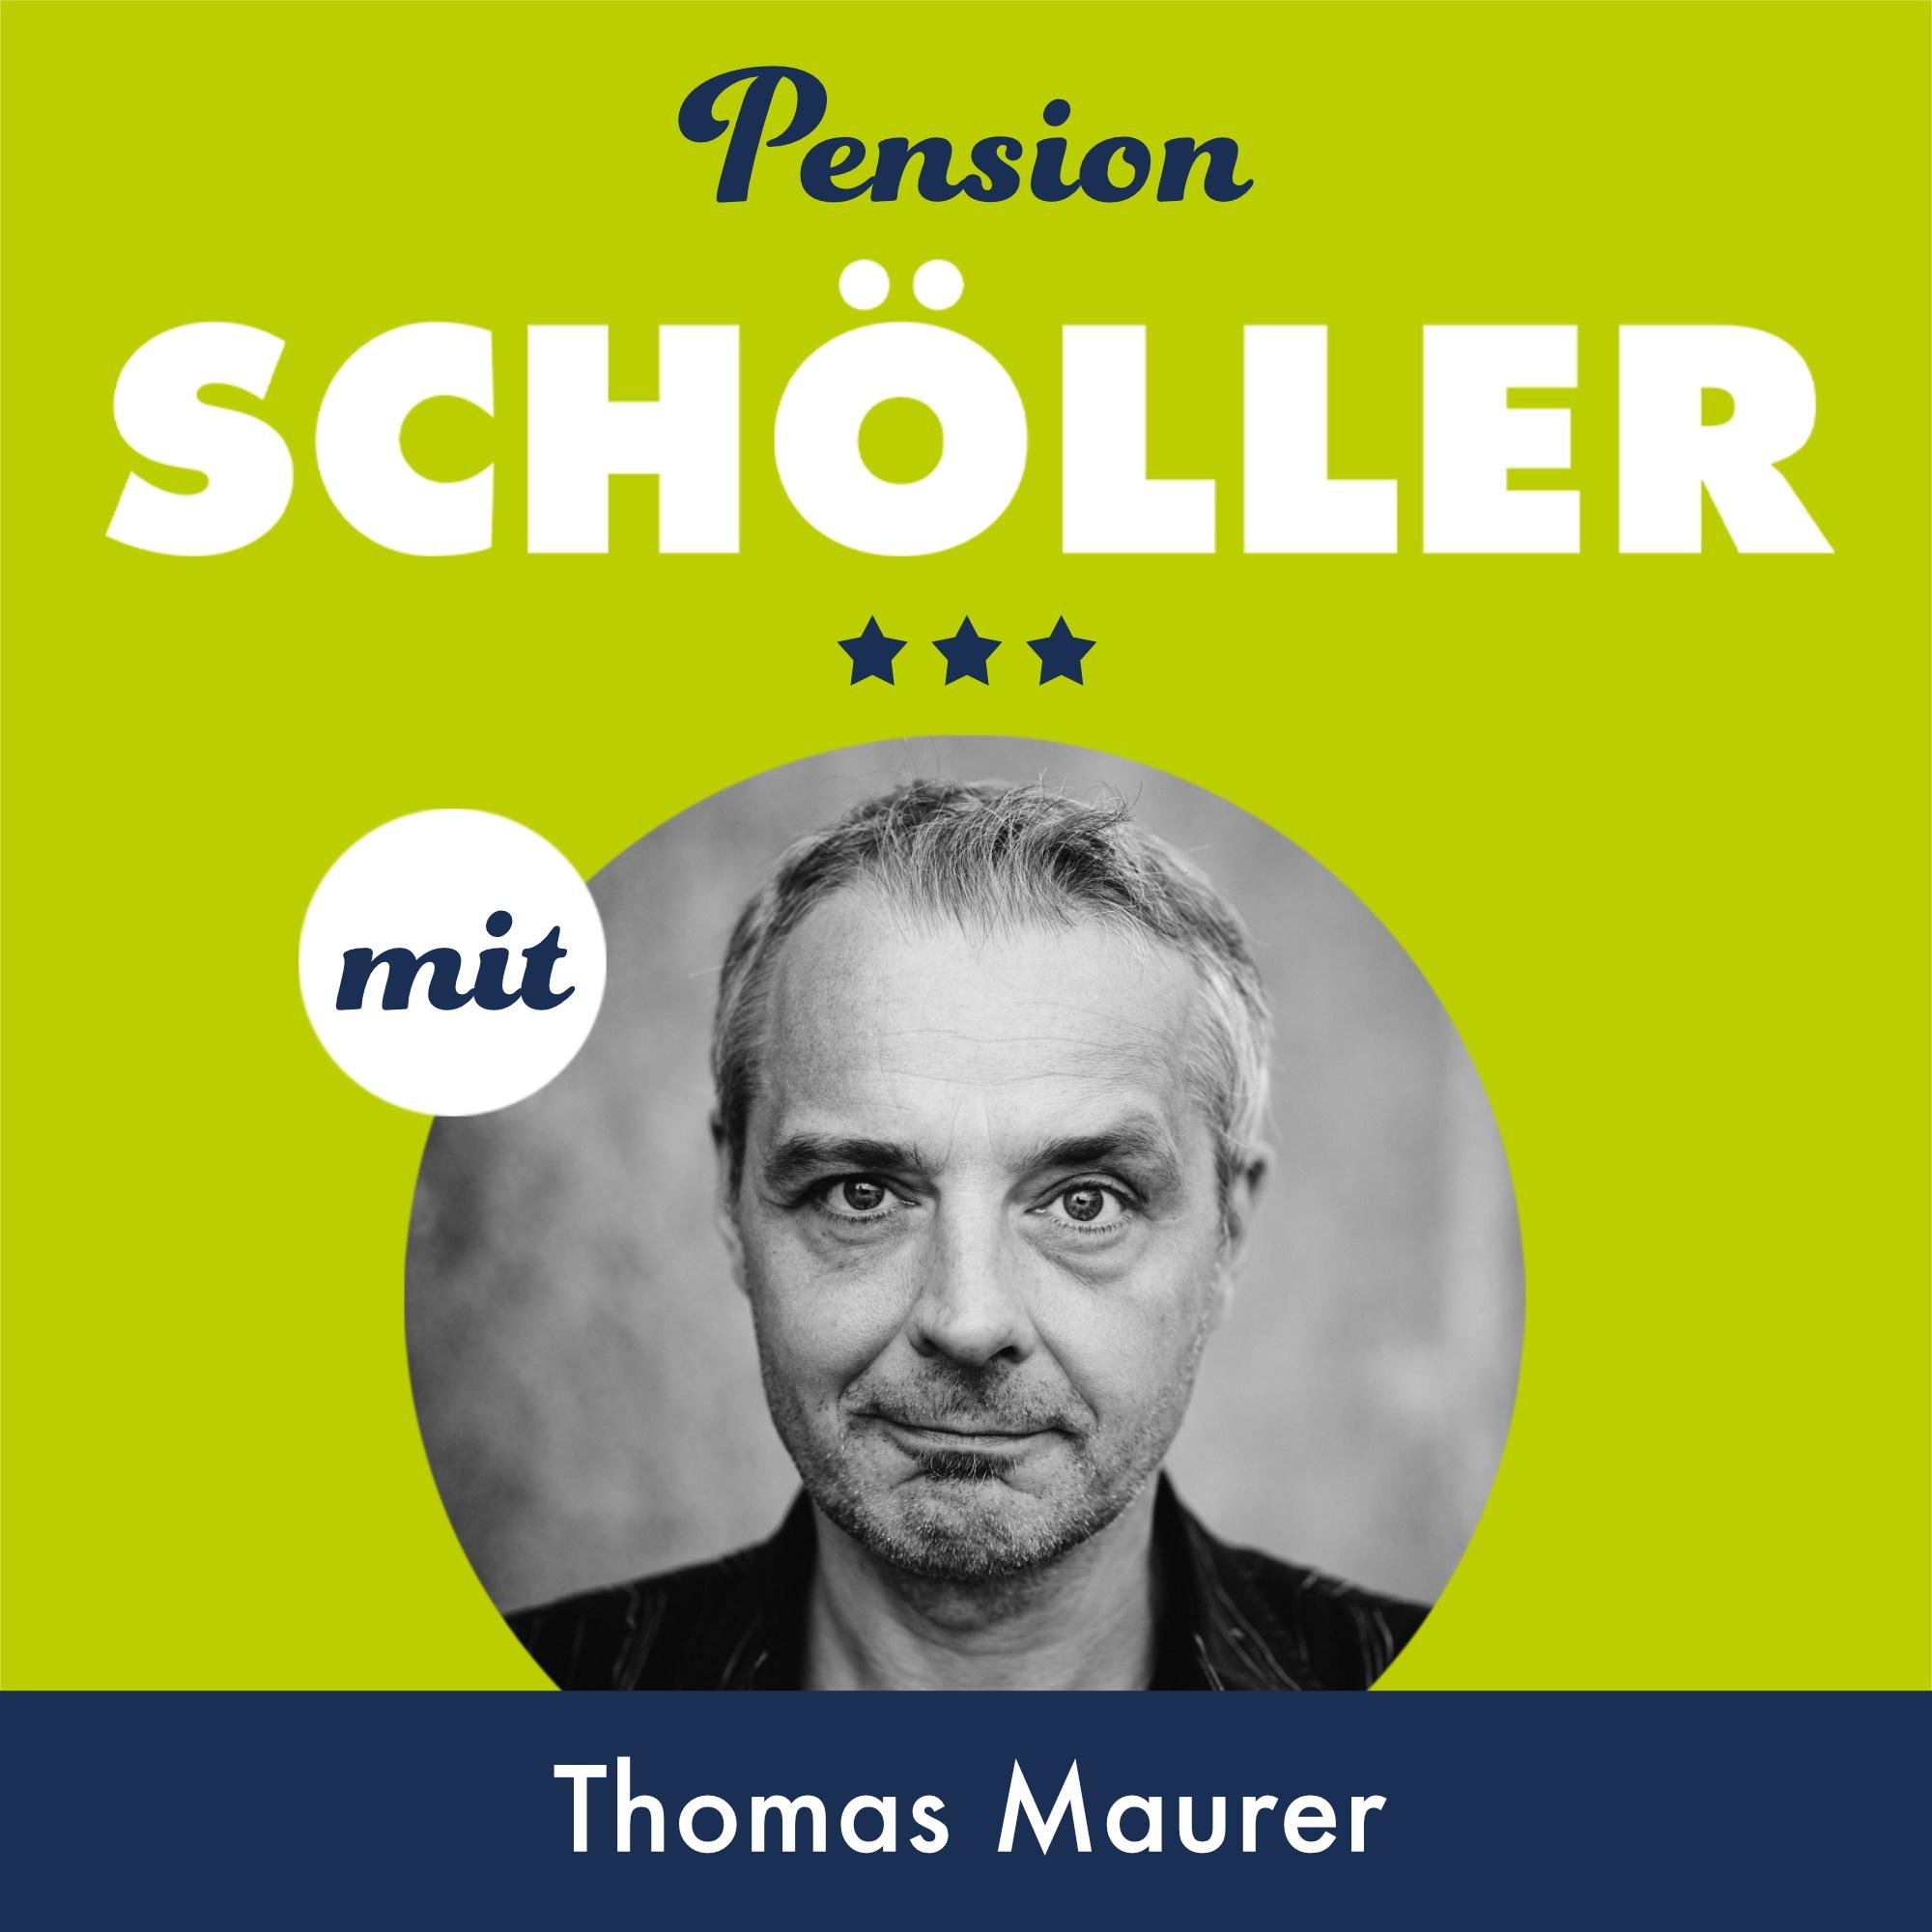 #21 Thomas Maurer